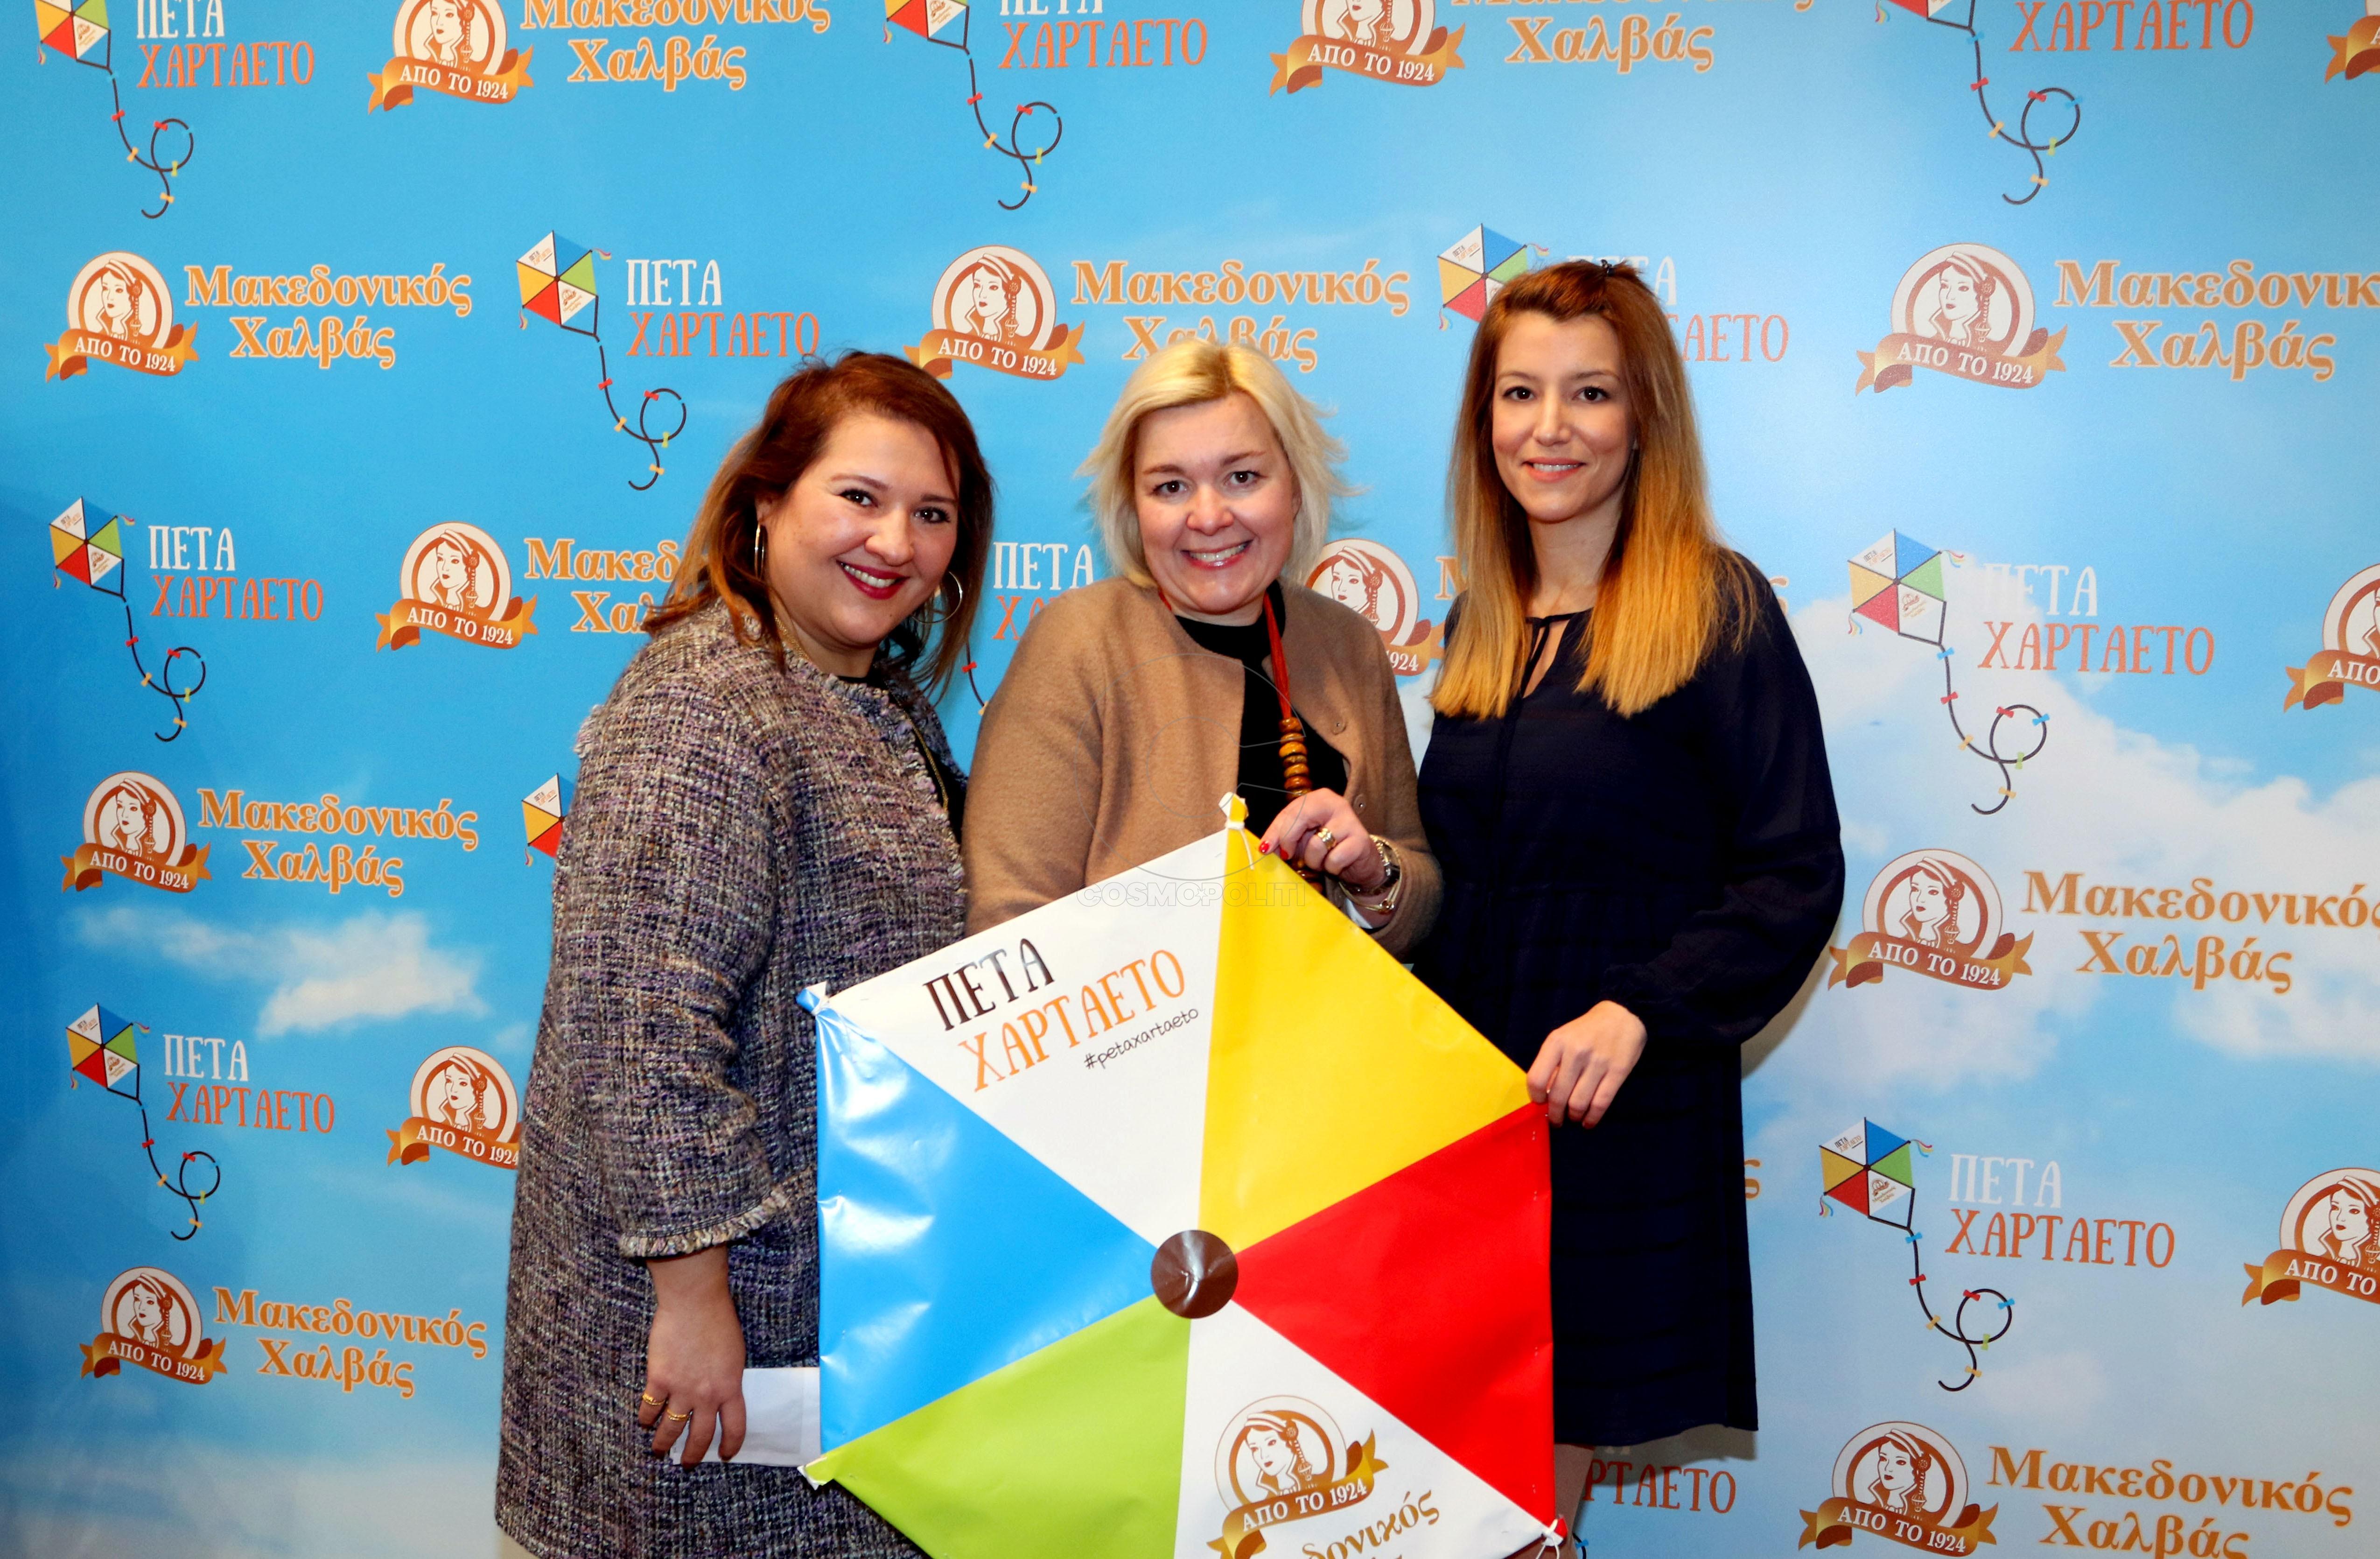 Ρία Ψούχλα, Μαρίνα Κουταρέλλη, Λήδα Παπάζογλου-Βατσάκη, Marketing Manager Μακεδονικού Χαλβά